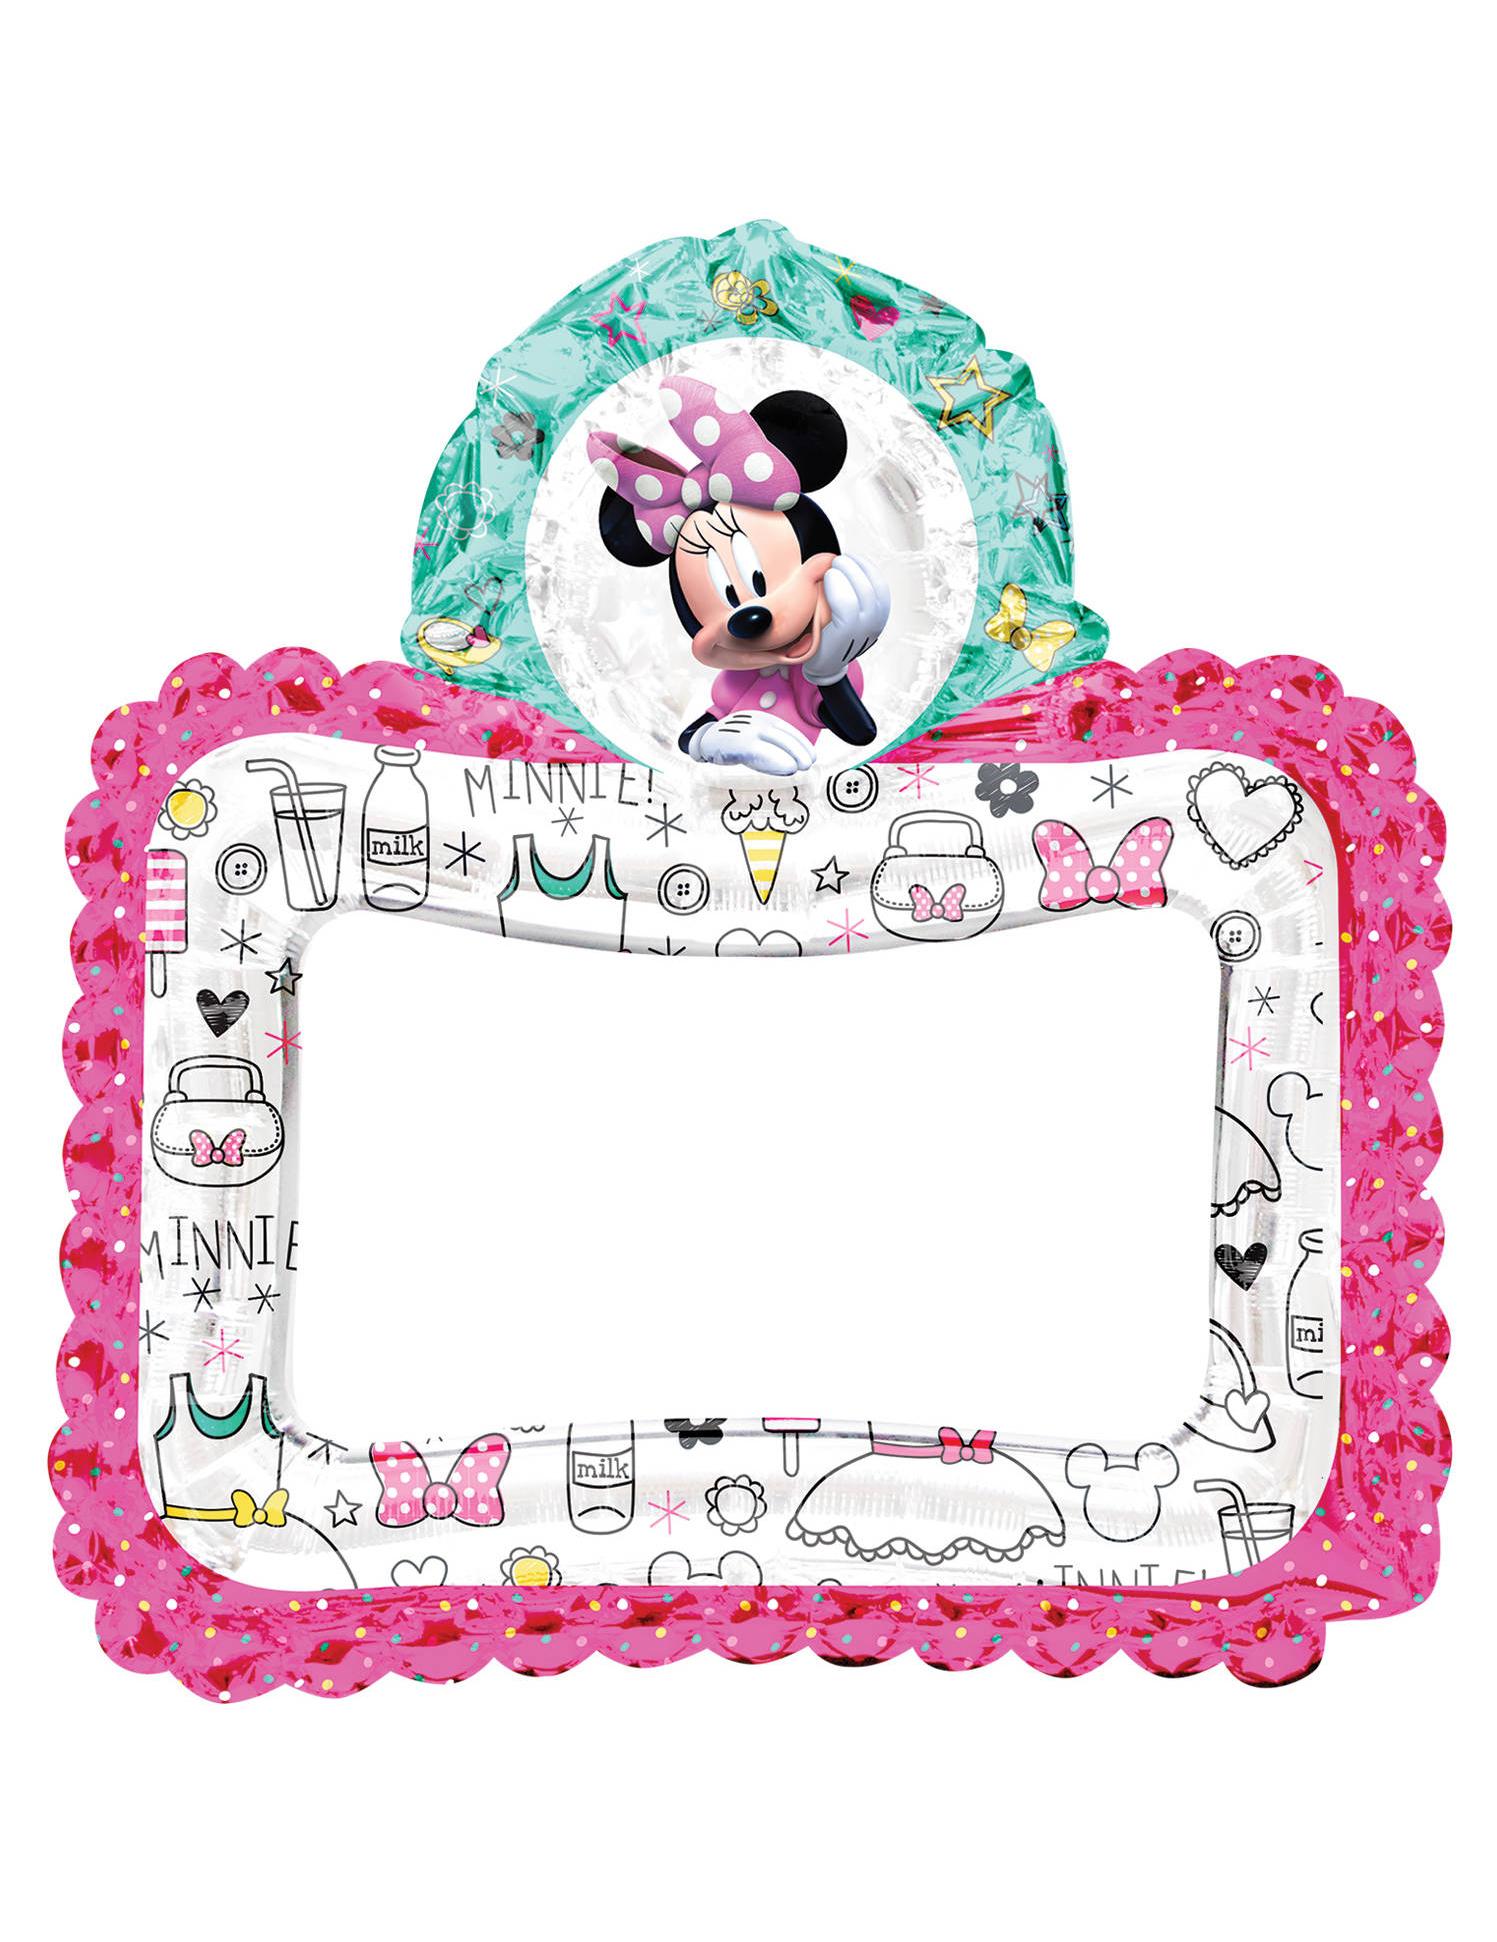 Minnie Maus™-Ballon Bilderrahmen-Ballon Deko bunt 66x68cm